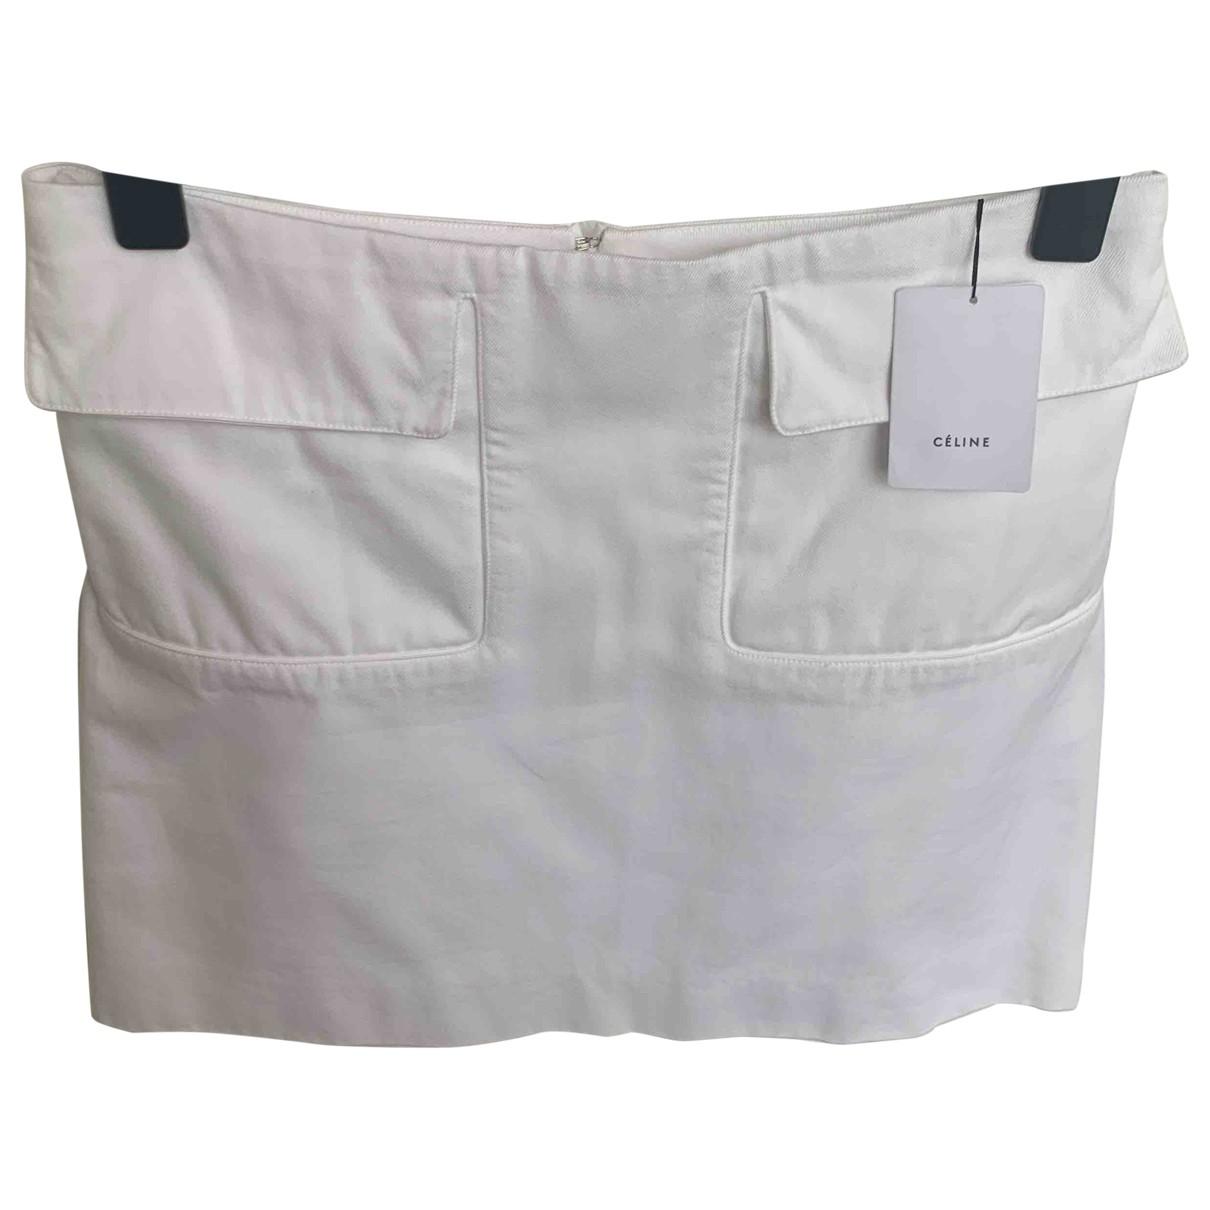 Celine \N White Cotton skirt for Women 38 FR